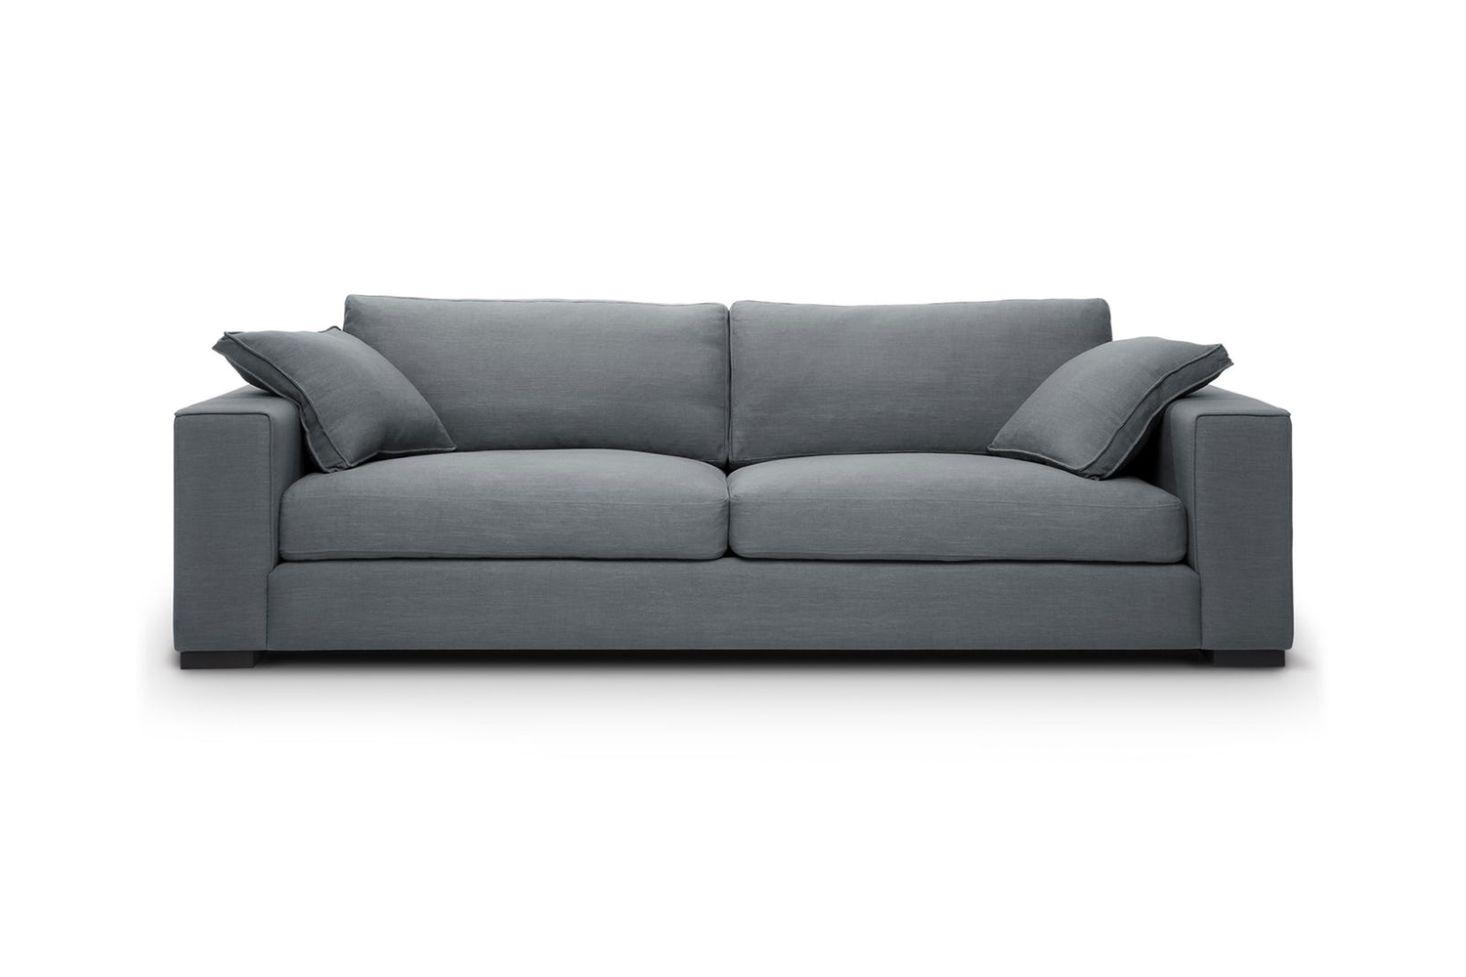 10 Easy Pieces First Sofas Under 3 000 Gray Sofa Sofa Comfortable Sofa